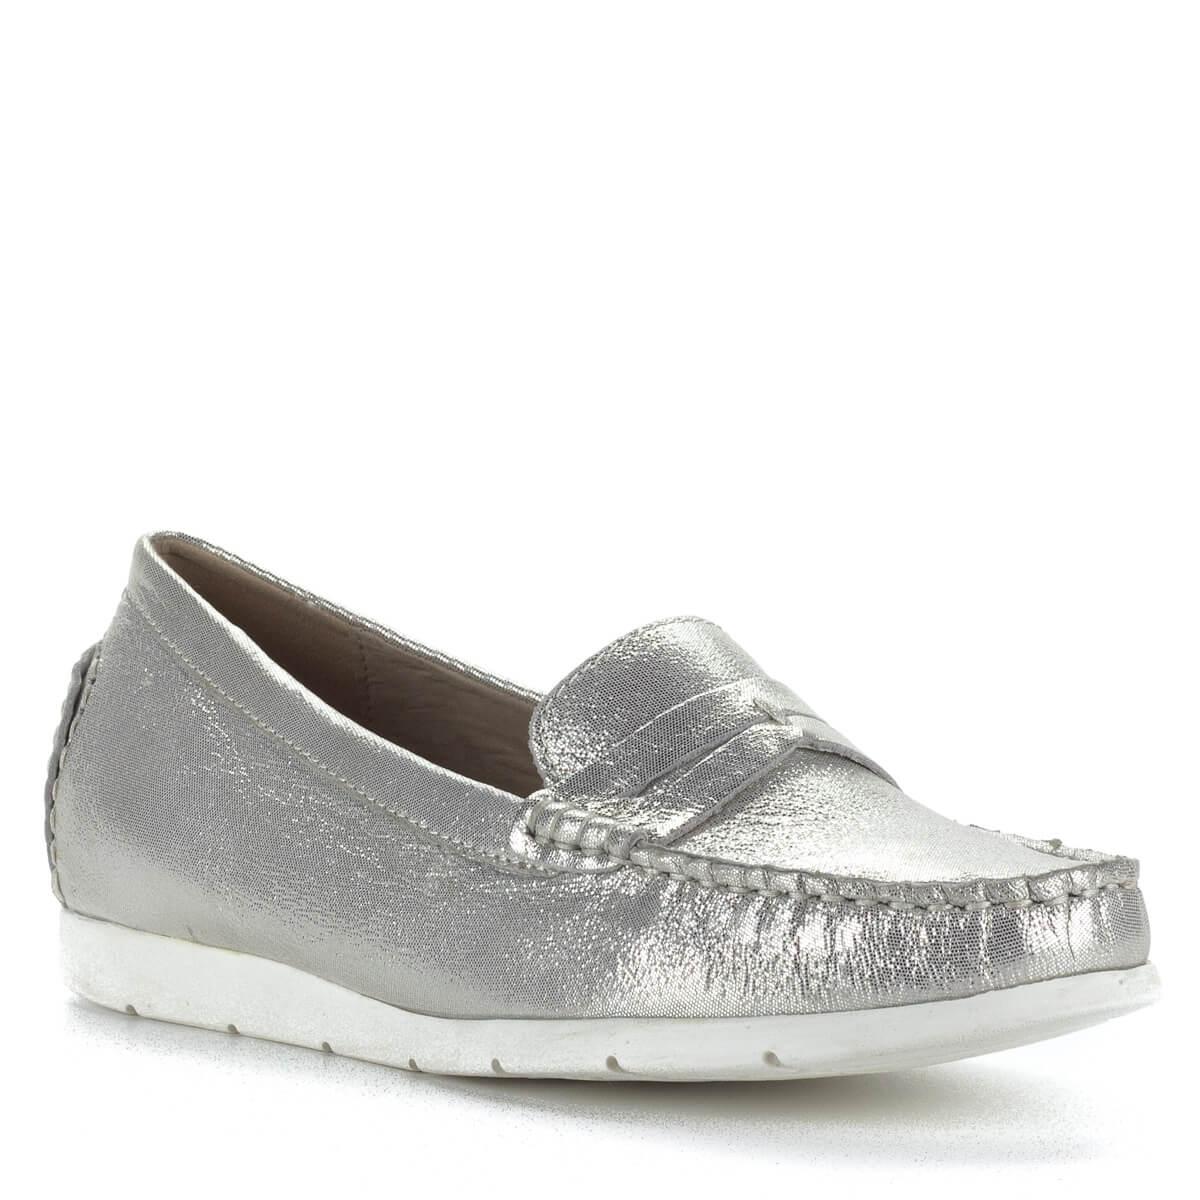 a3b1a6da36 Kényelmes; Caprice mokaszín ezüst színben, csillogós, apró mintás bőr  felsőrésszel és bőr béléssel.